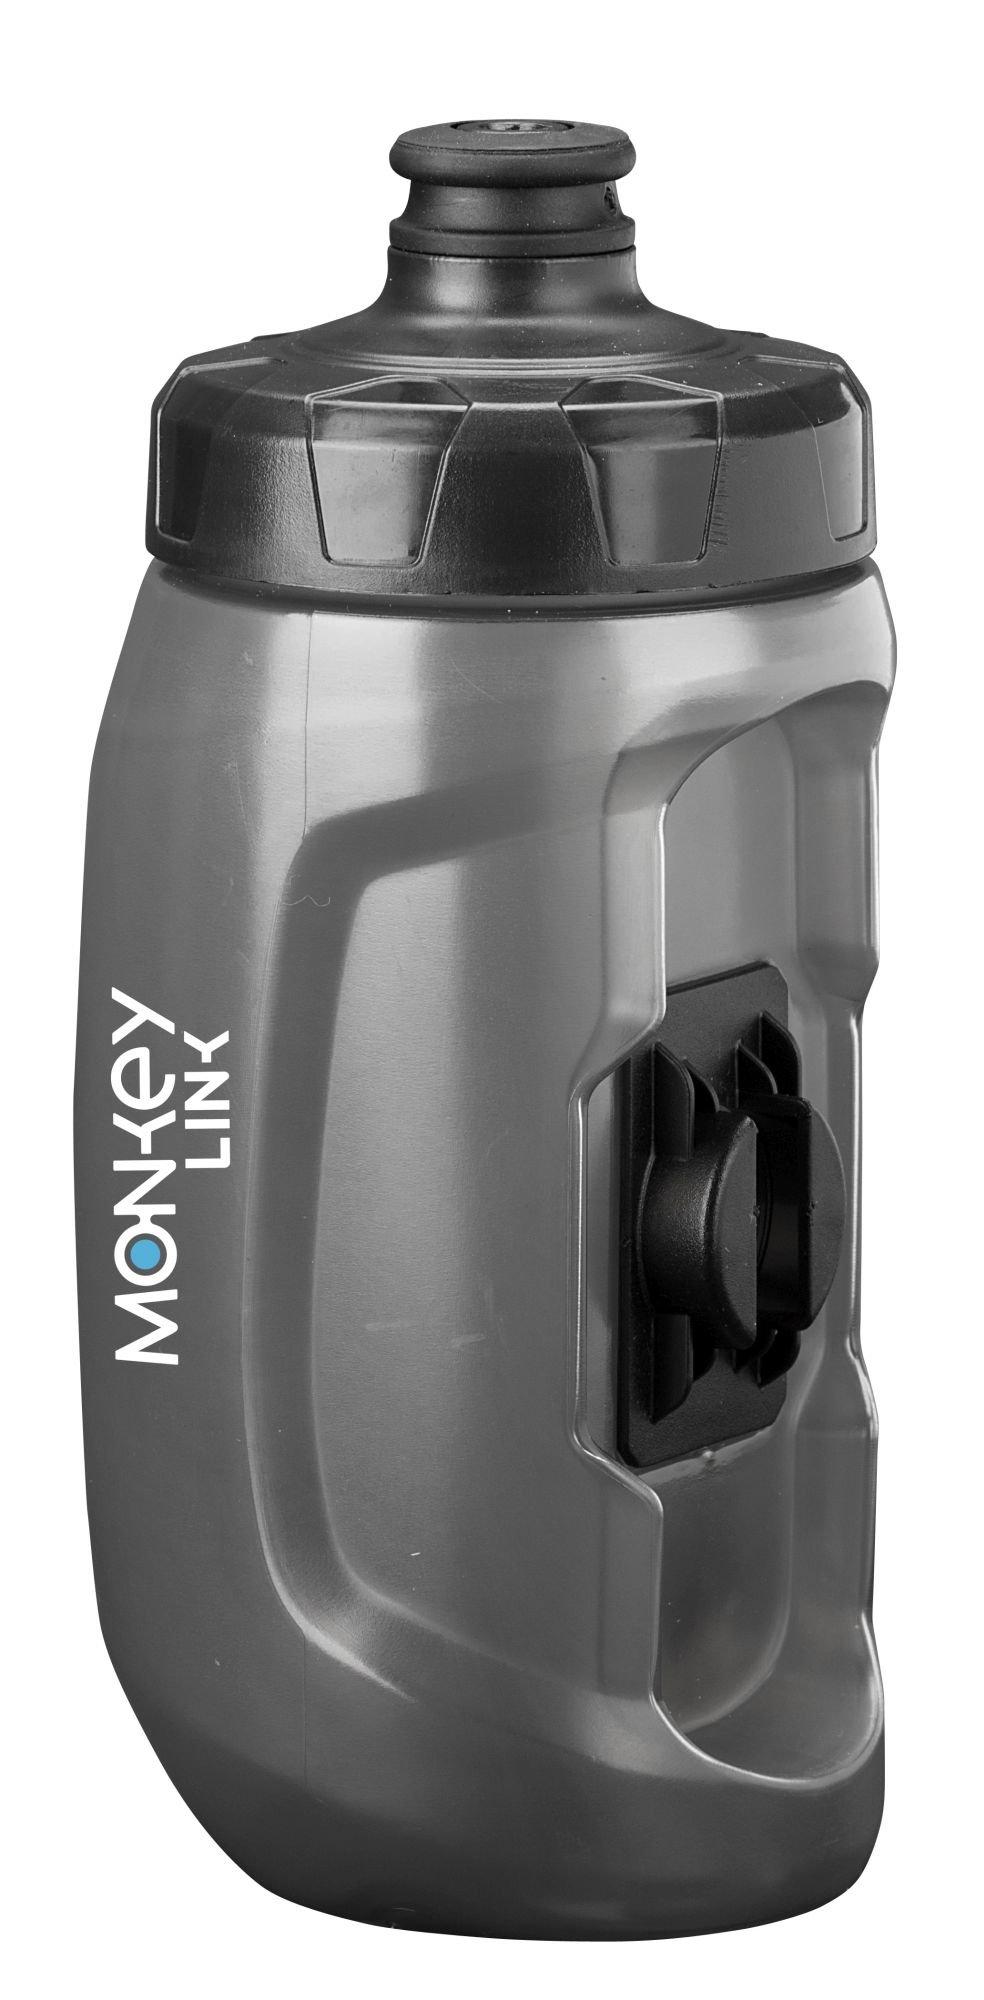 flaschen kunststoff/Trinkflaschen: MonkeyLink  Trinkflasche ohne BottleMount MonkeyBottle 450ml